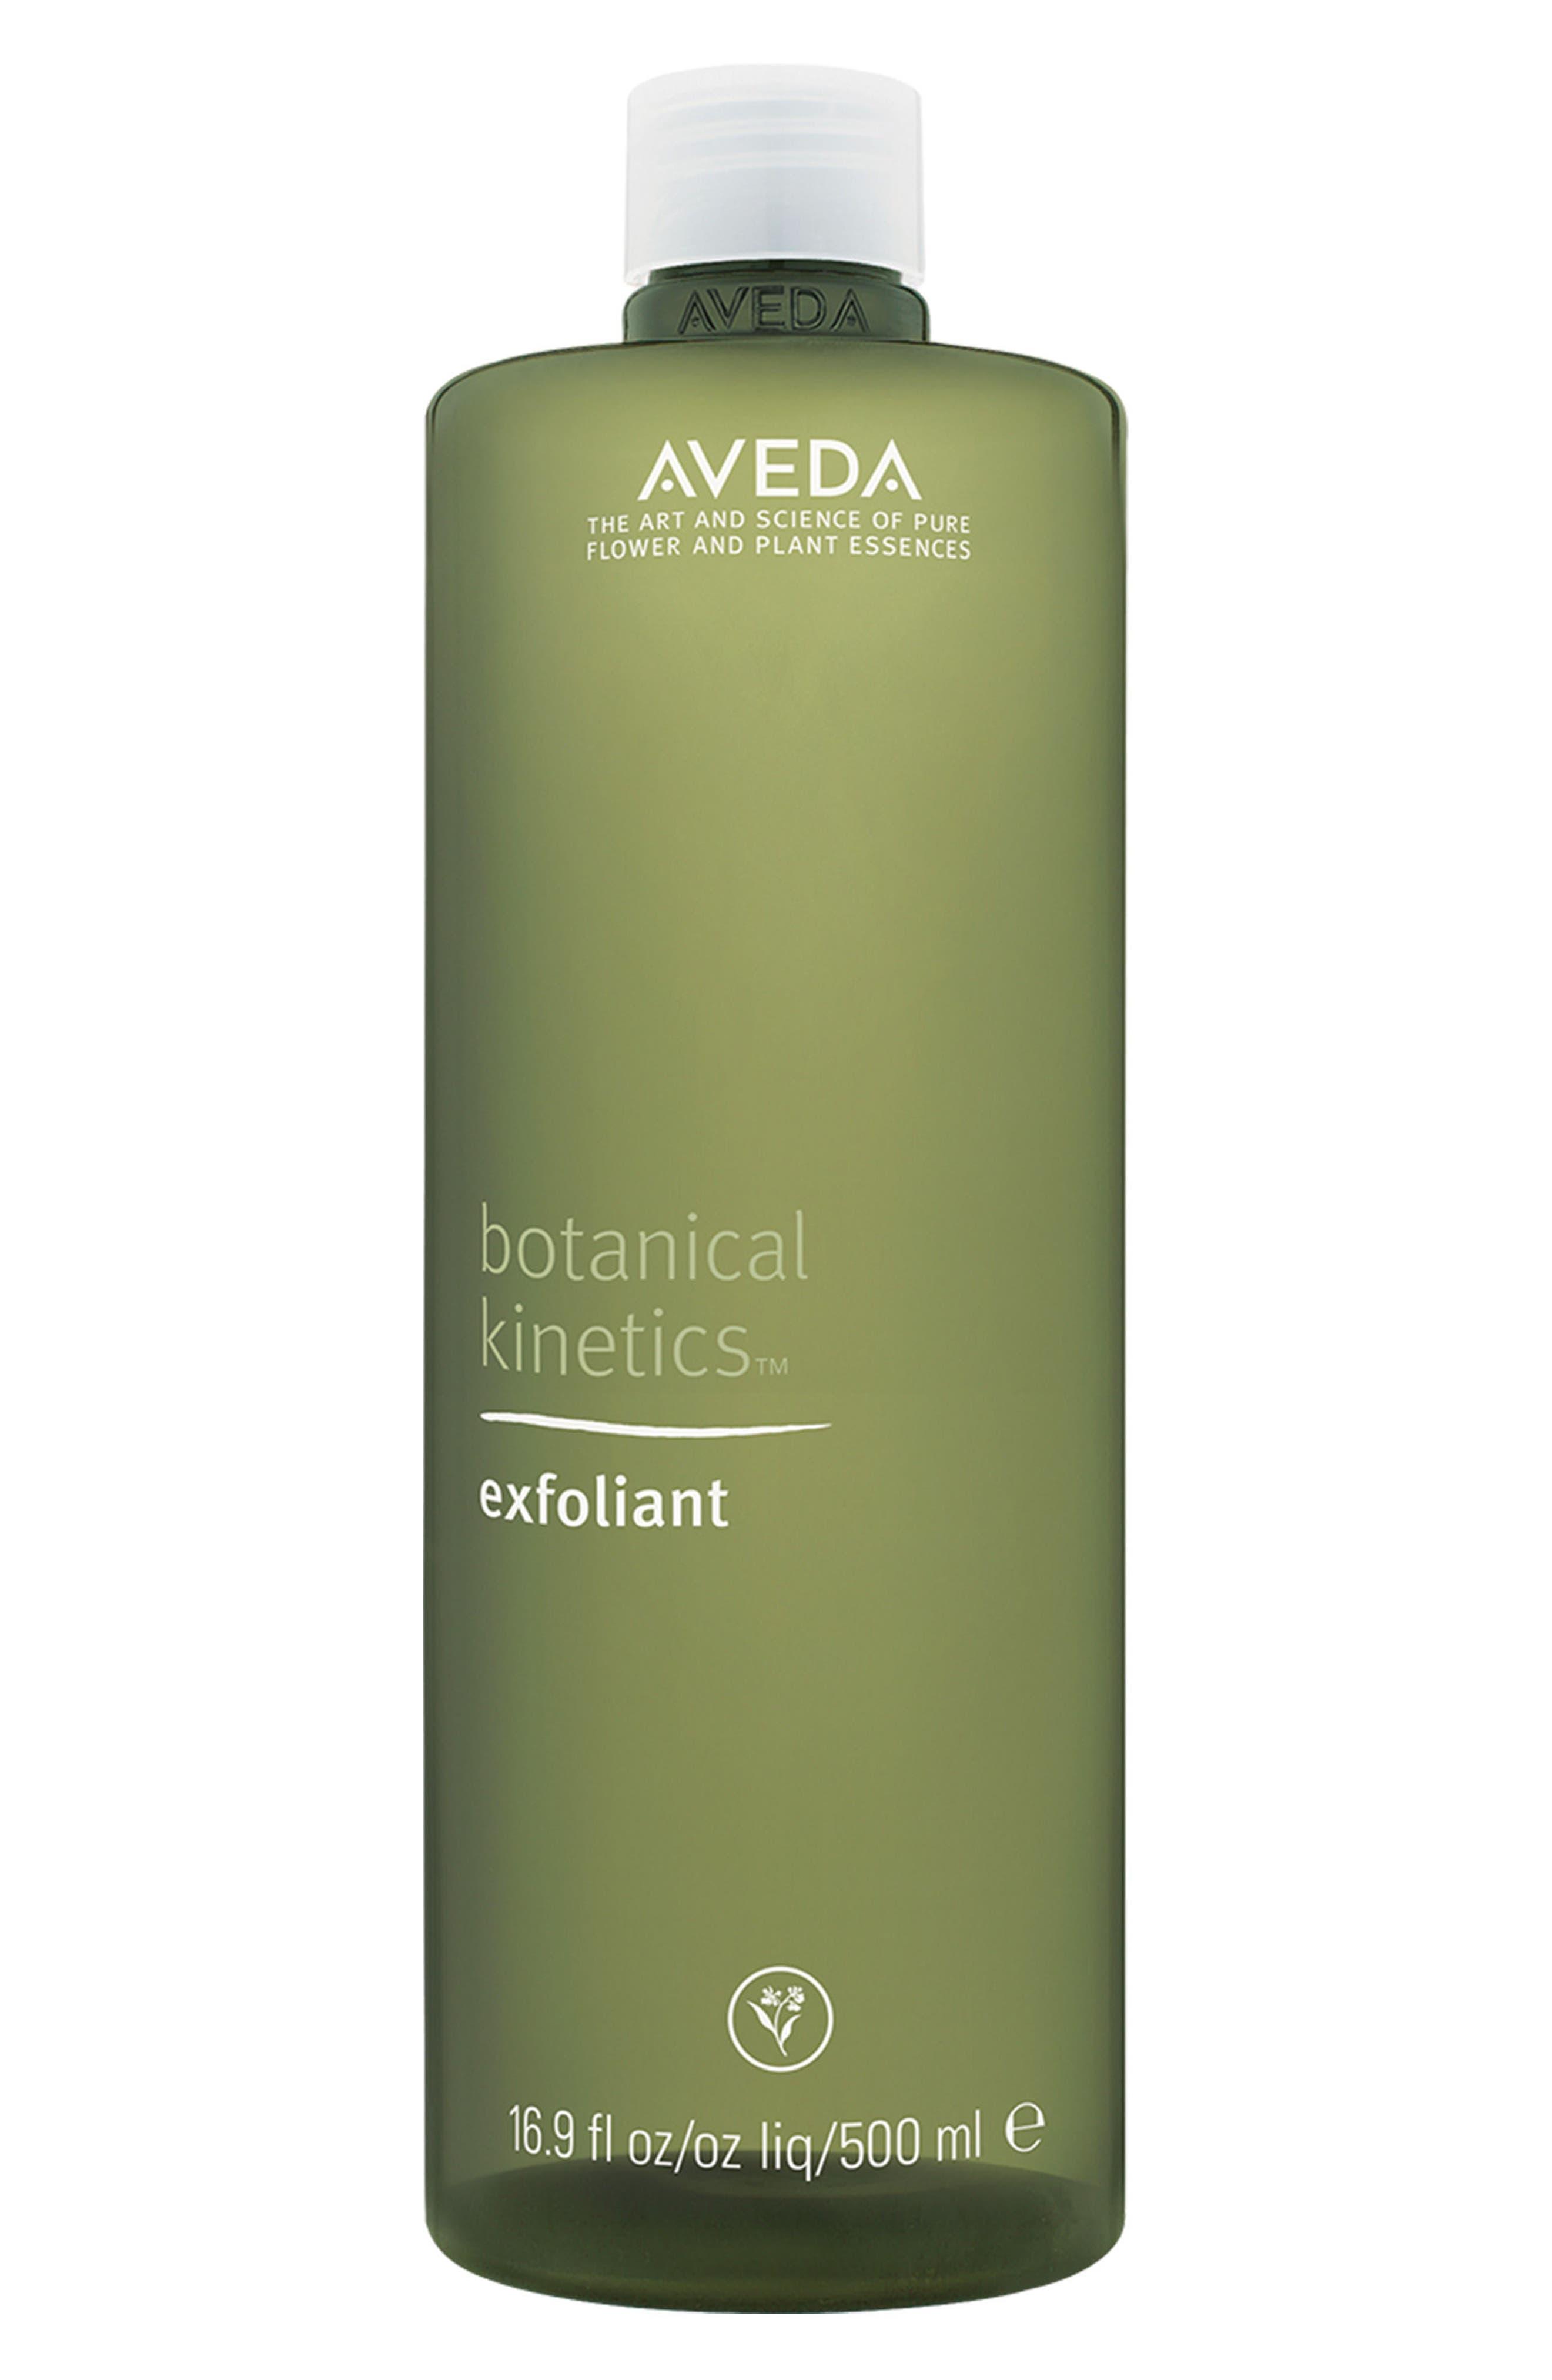 Aveda 'botanical kinetics™' Exfoliant